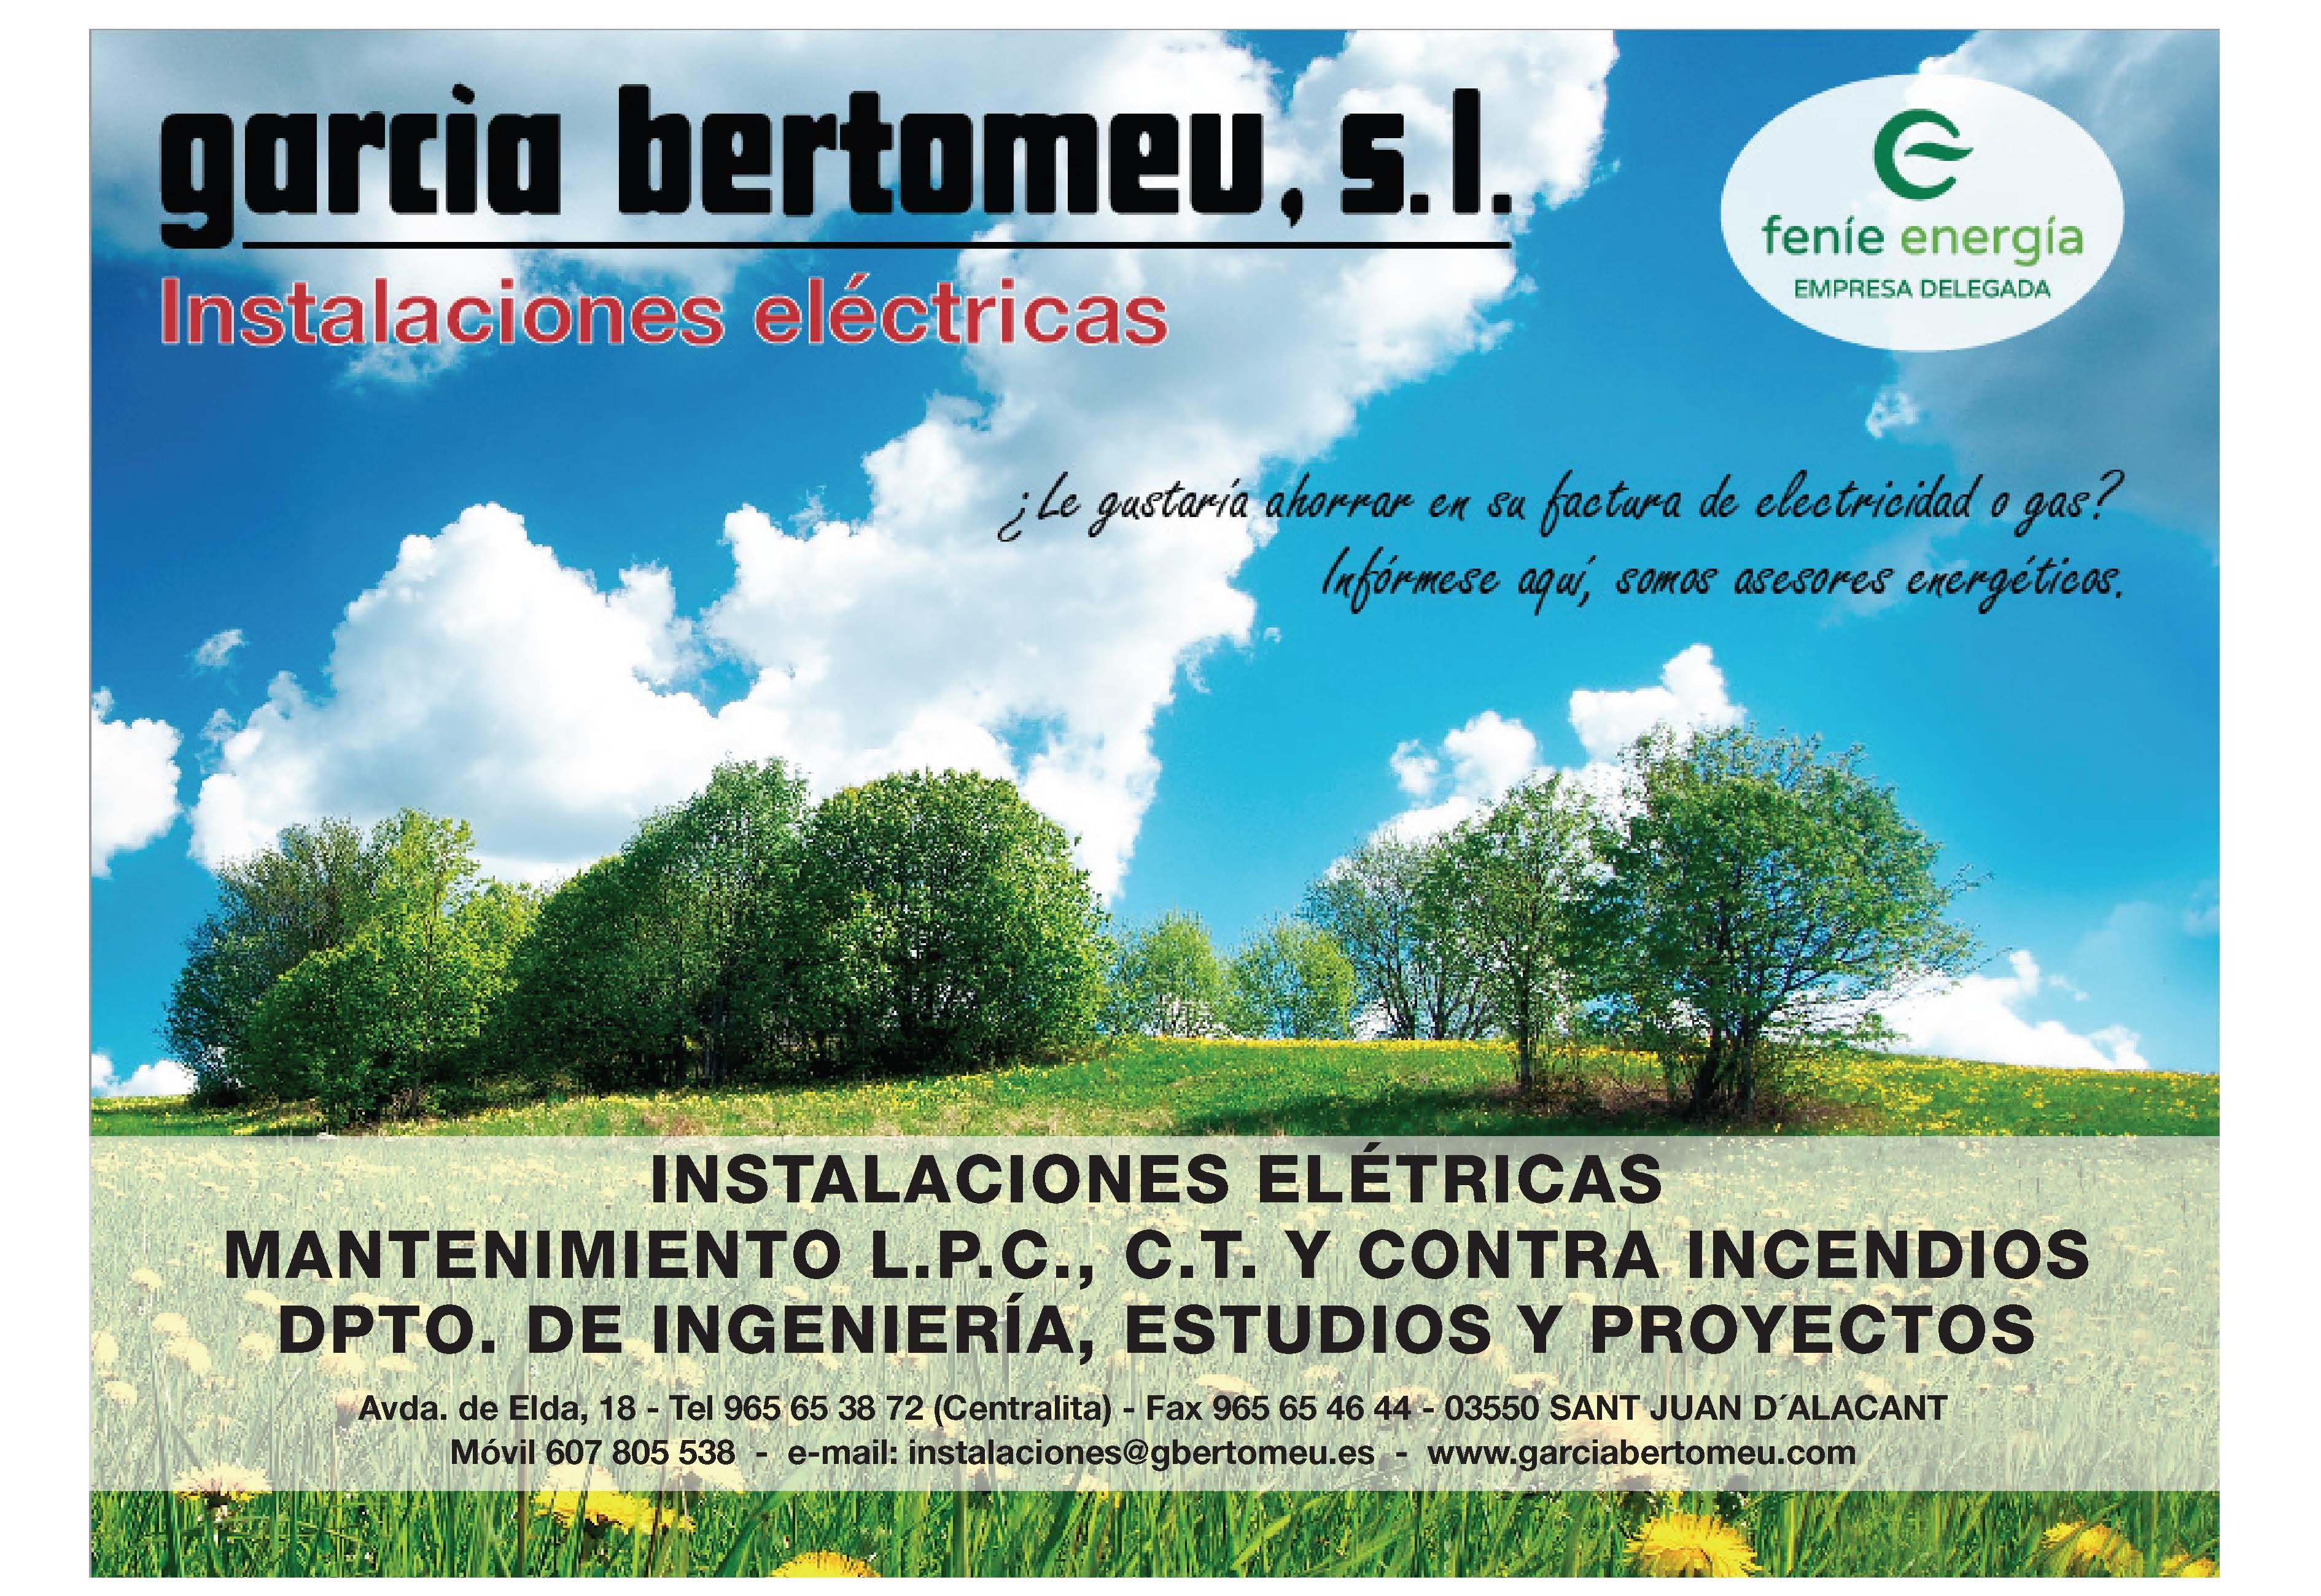 INSTALACIONES ELECTRICAS GARCIA BERTOMEU,S.L.